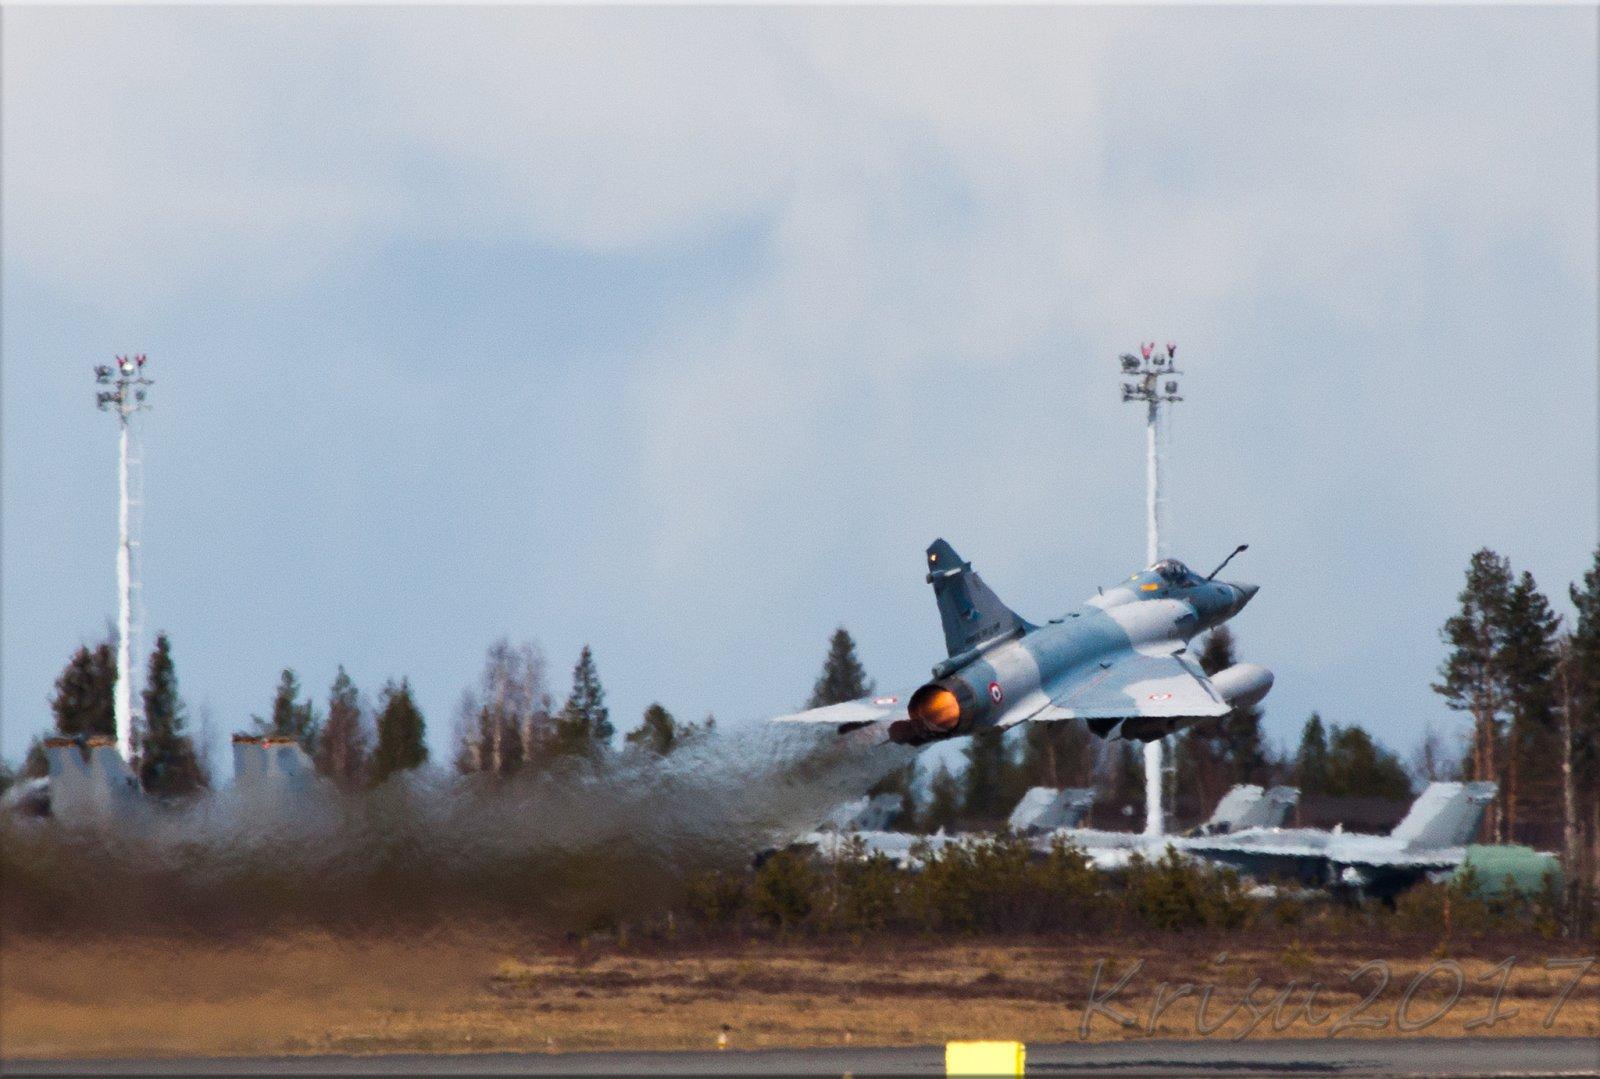 Mirage 2000 ja tutkielma lämpöväreilystä pt.1